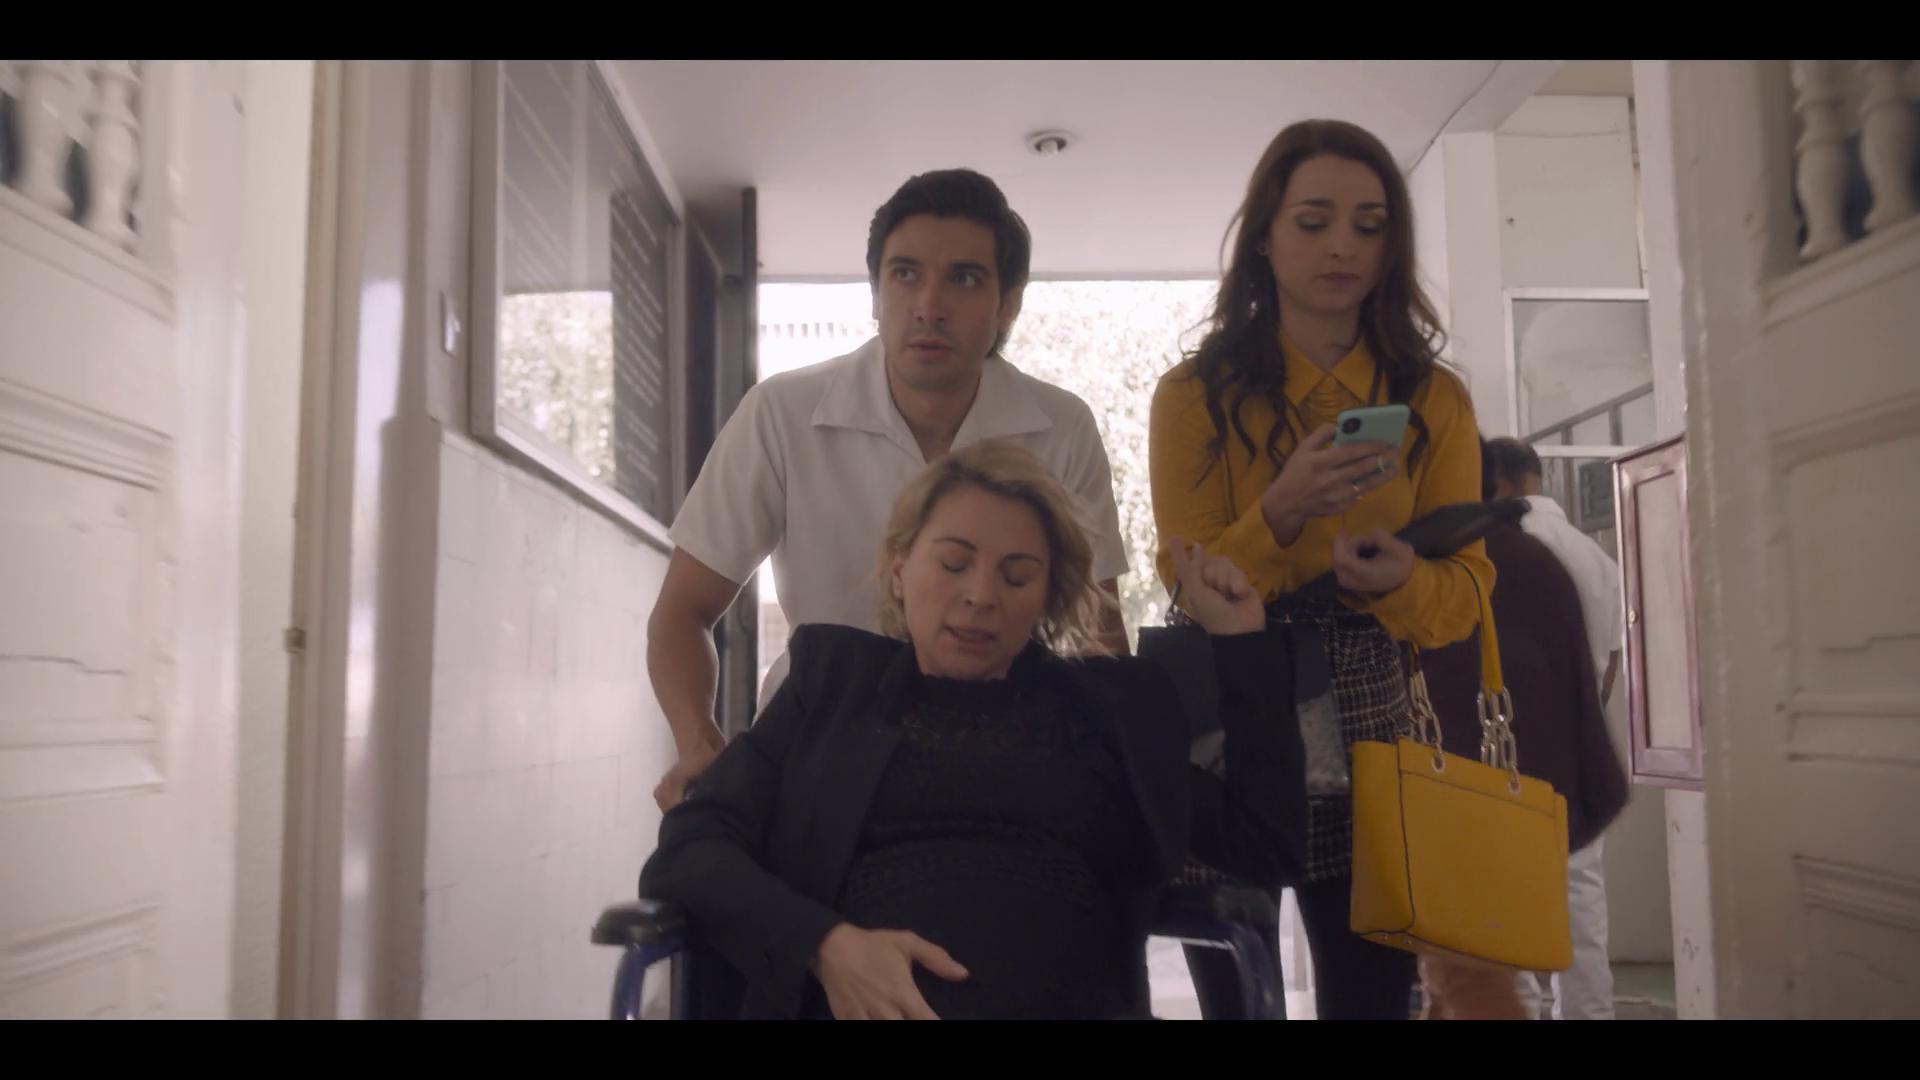 Madre Sólo Hay Dos Temporada 1 (2021) HD 1080p Latino